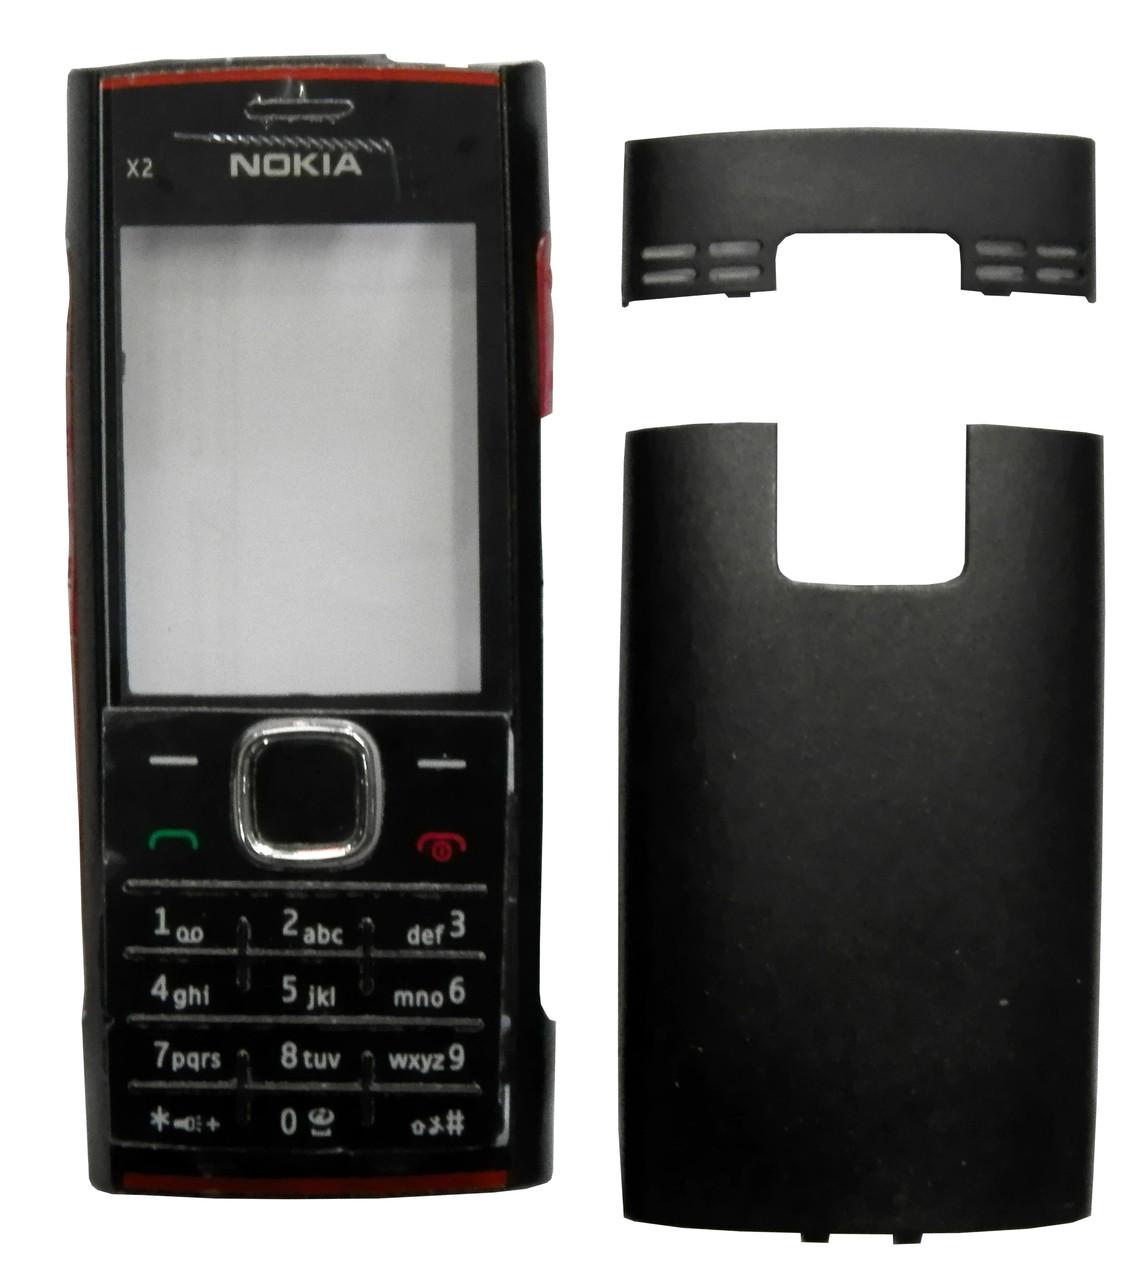 инструкция по эксплуатации телефона nokia 2